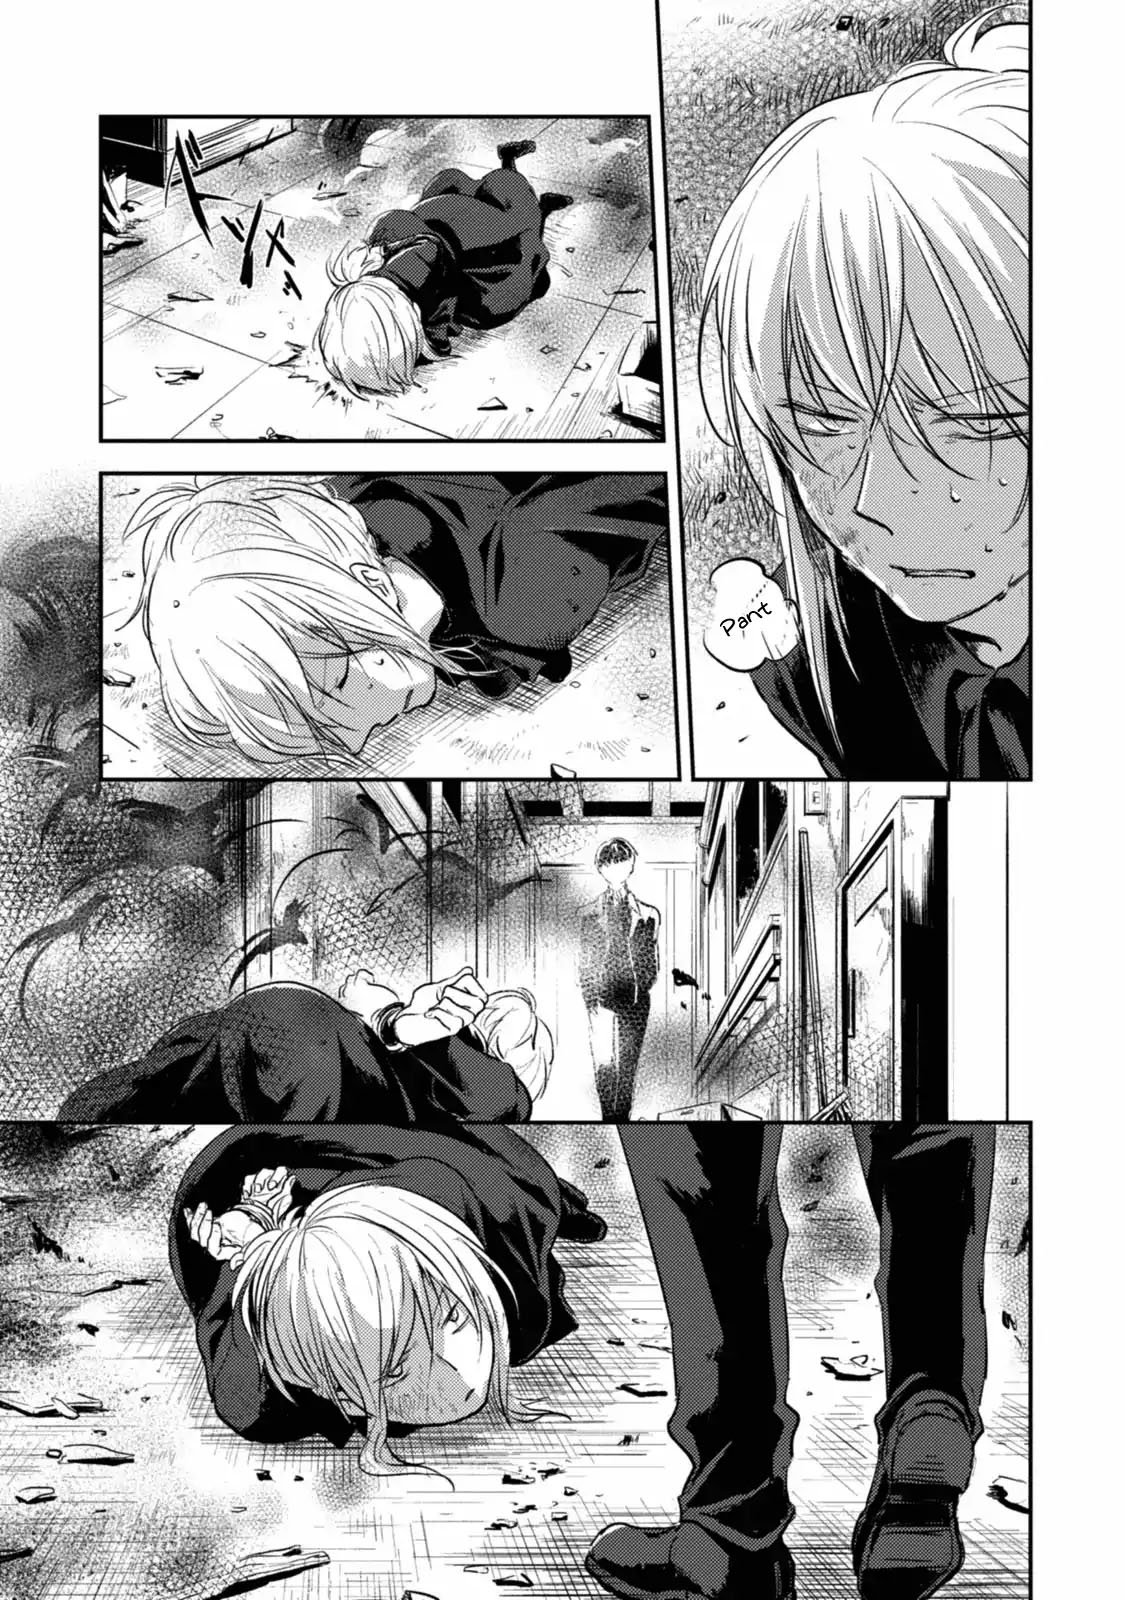 https://c9.mangatag.com/es_manga/pic5/14/21518/730317/47f91db40efc6a22350eca5c953c4742.jpg Page 15